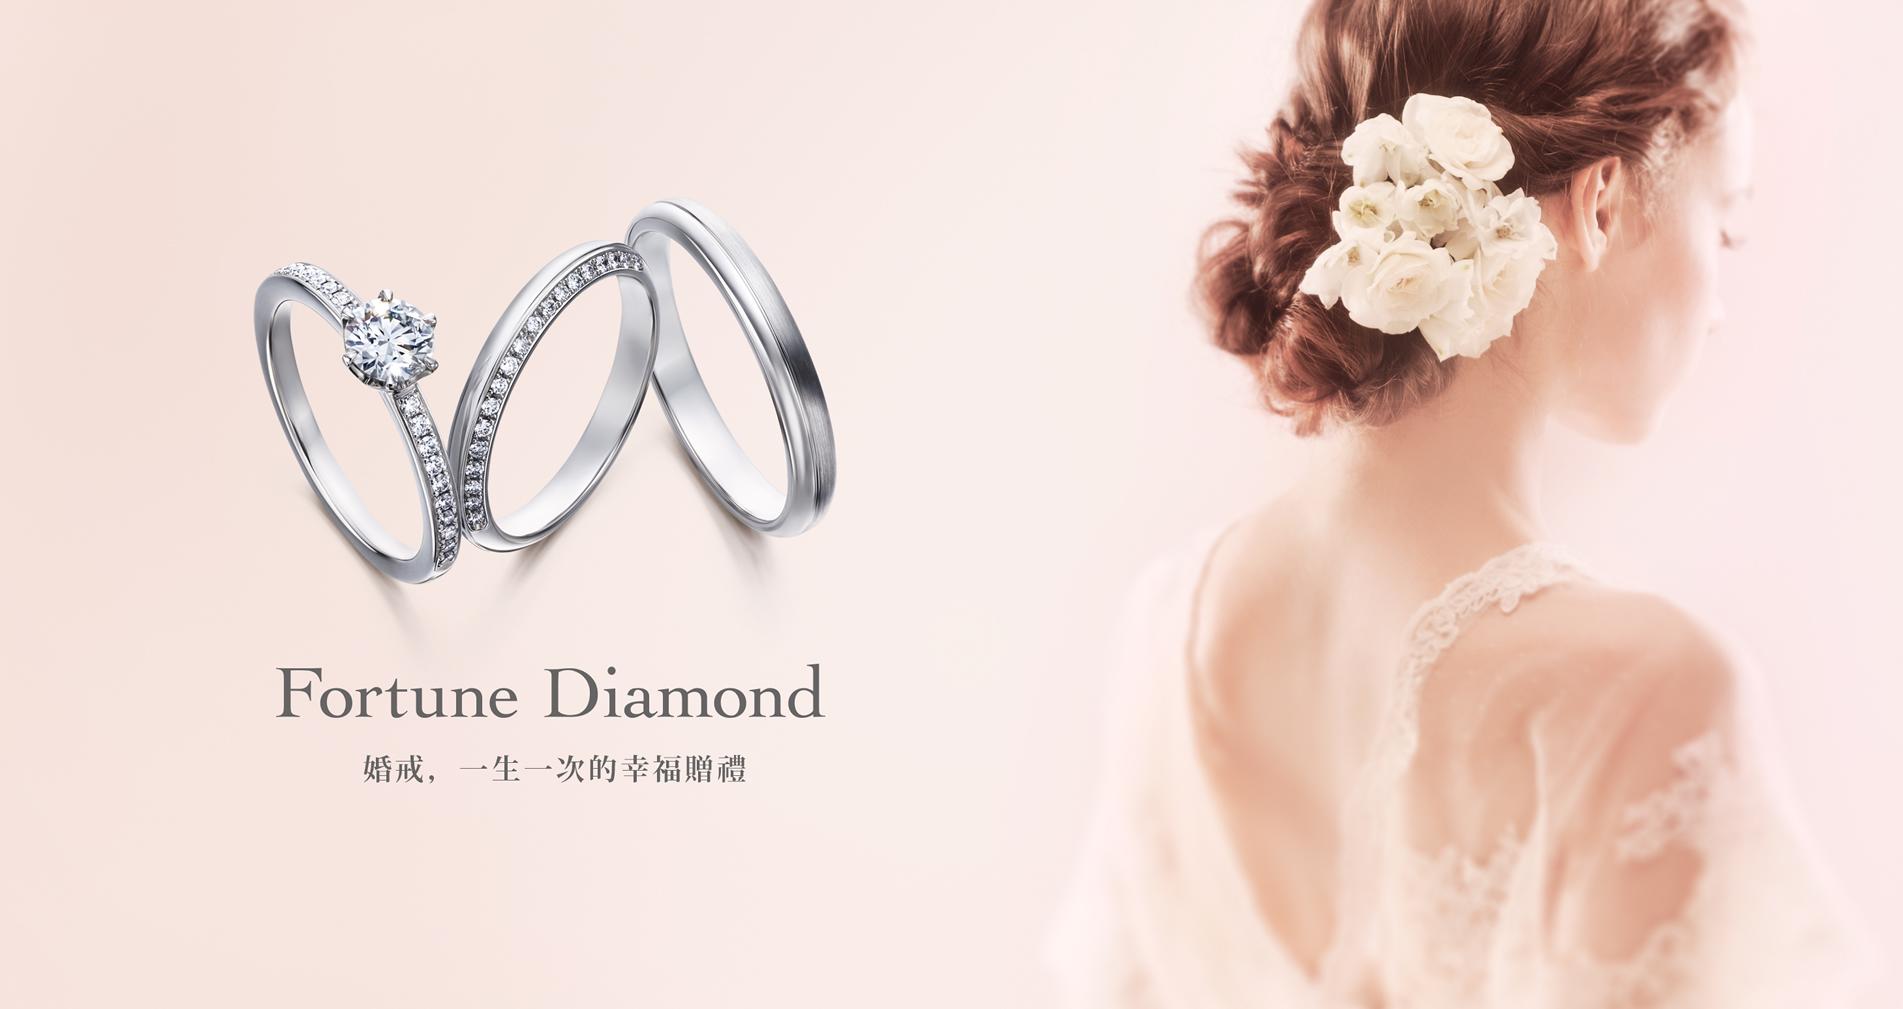 鑽石戒指,一生一次的幸福贈禮